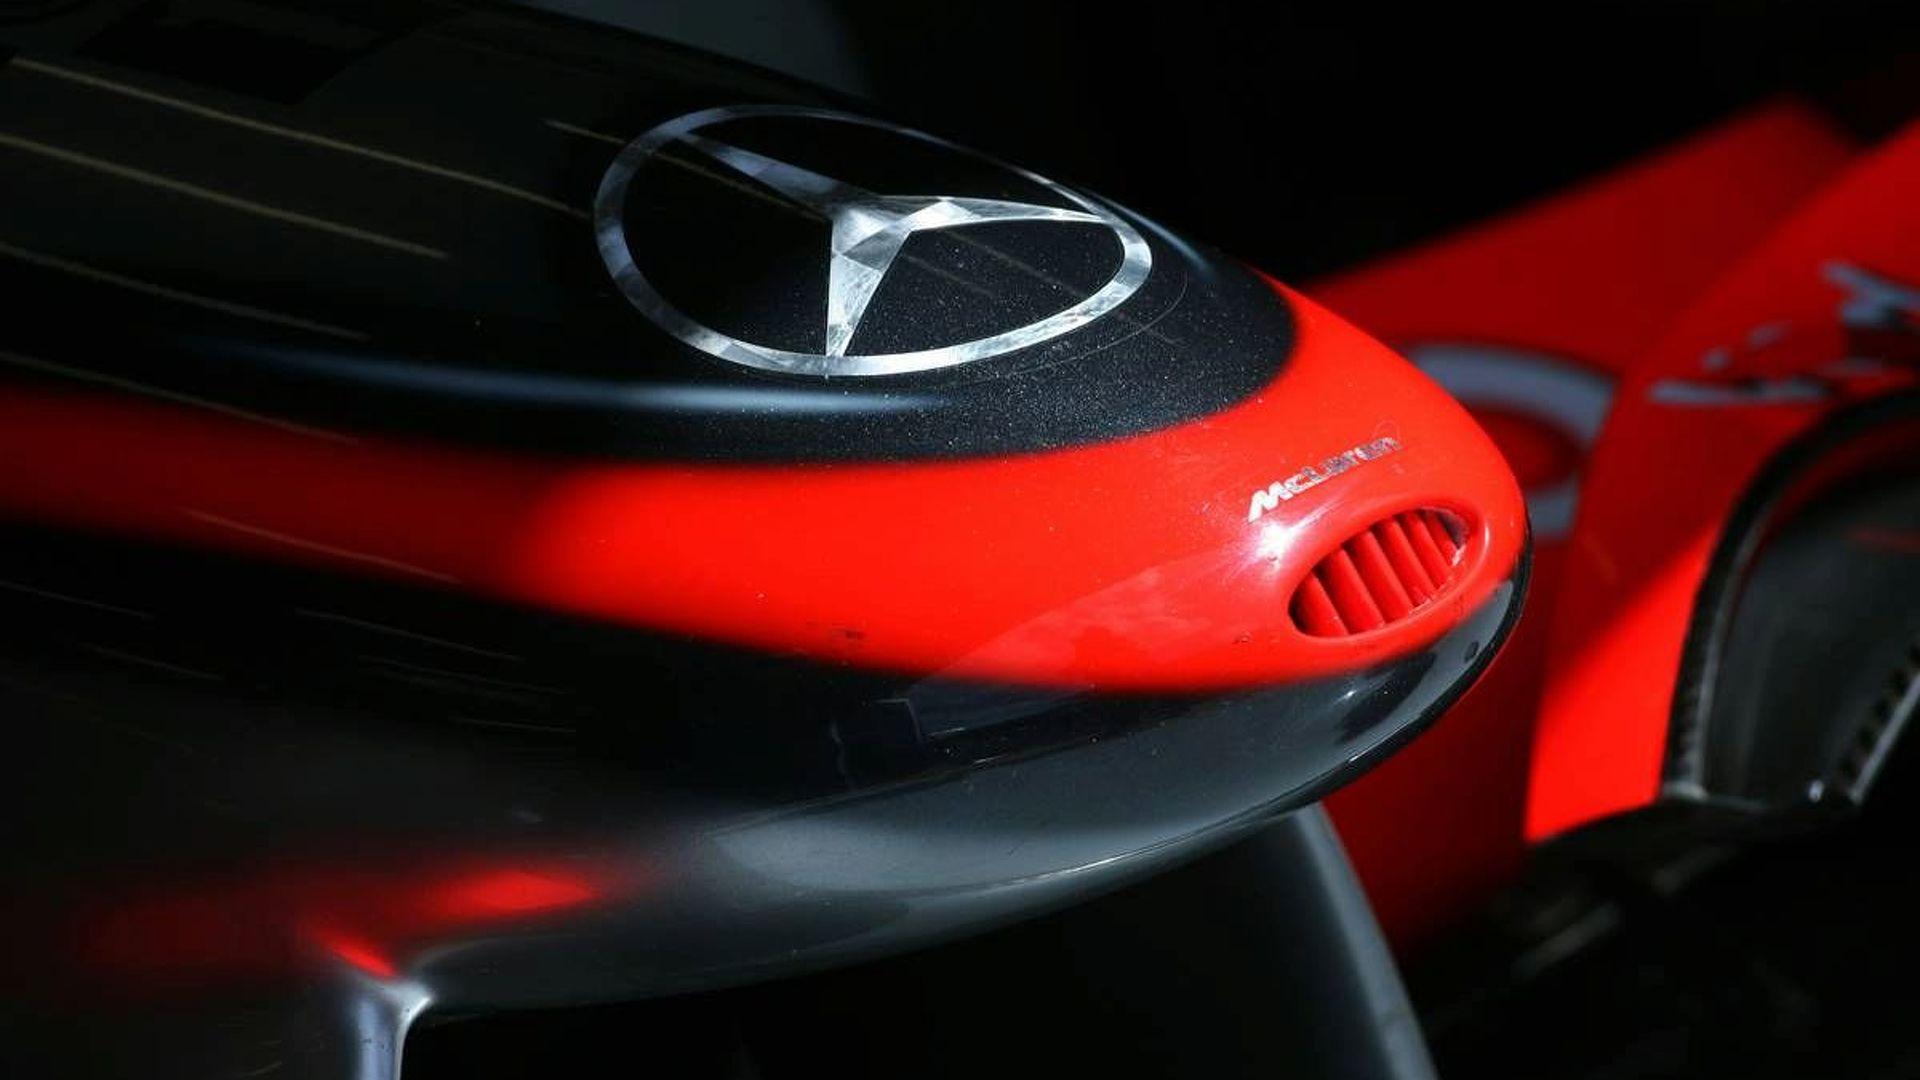 McLaren / Mercedes collaboration to continue - spokesman